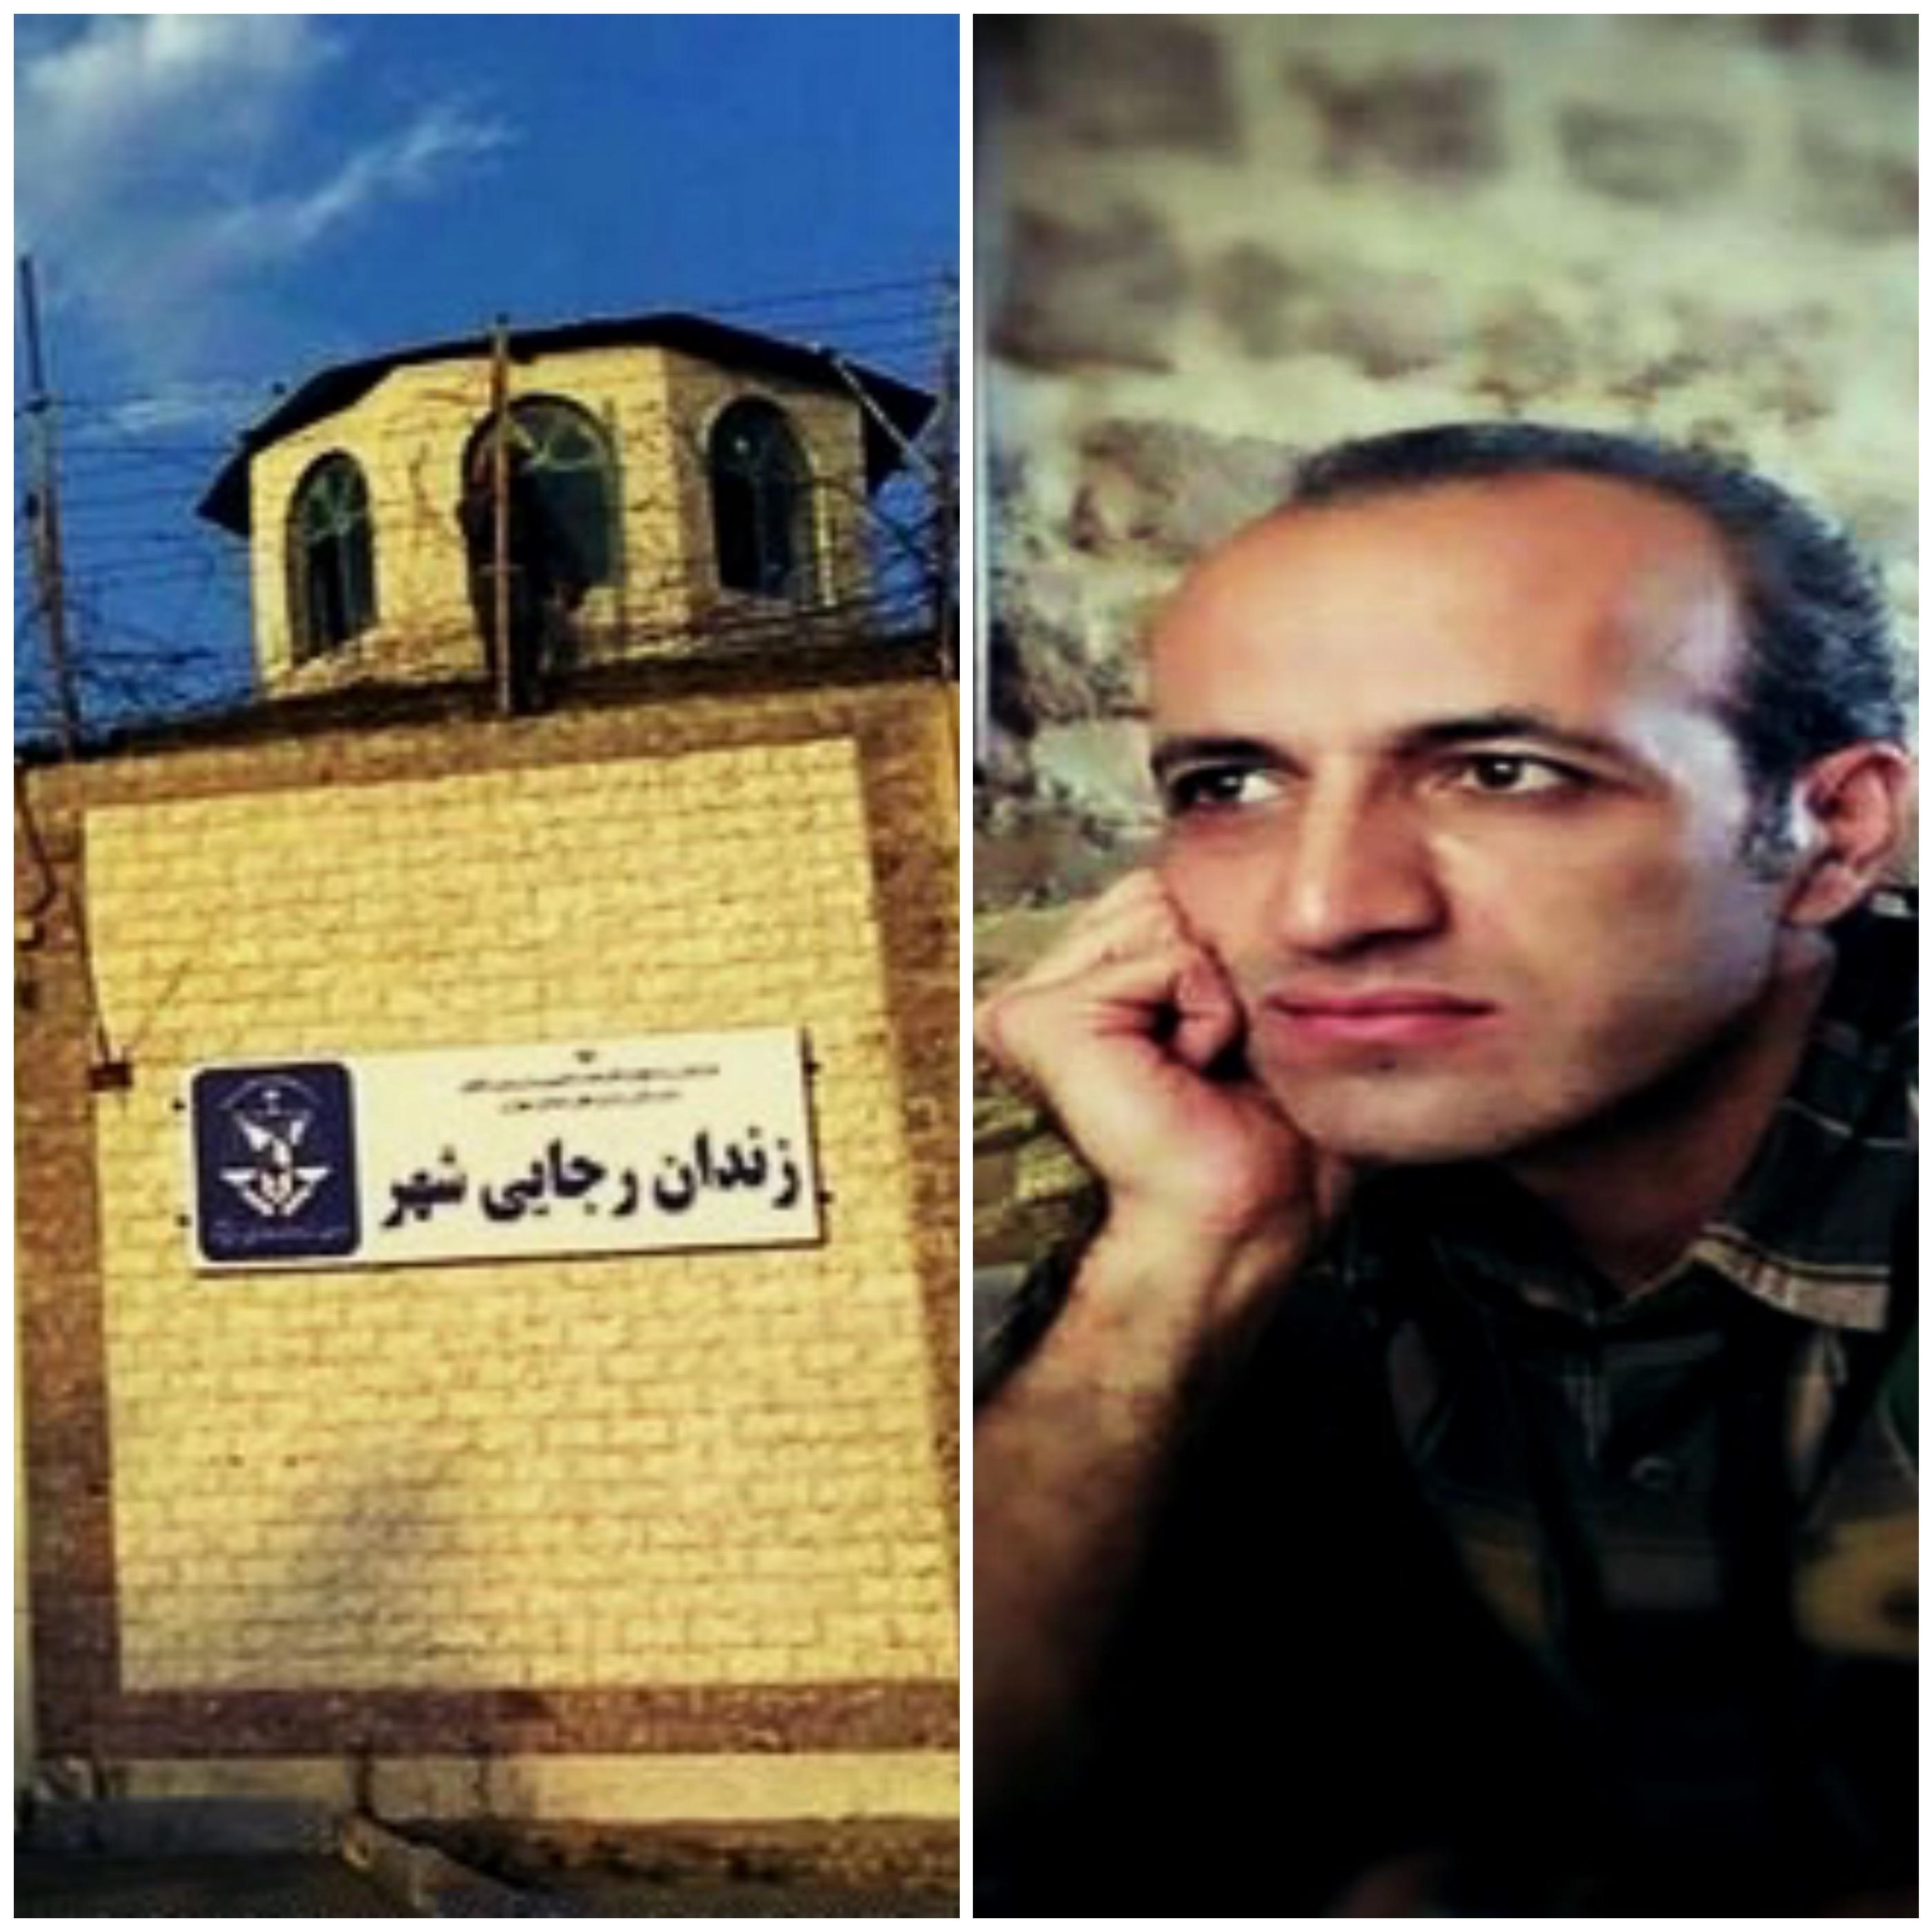 وضعیت نامساعد جسمانی محمد ابراهیمی در زندان رجایی شهر